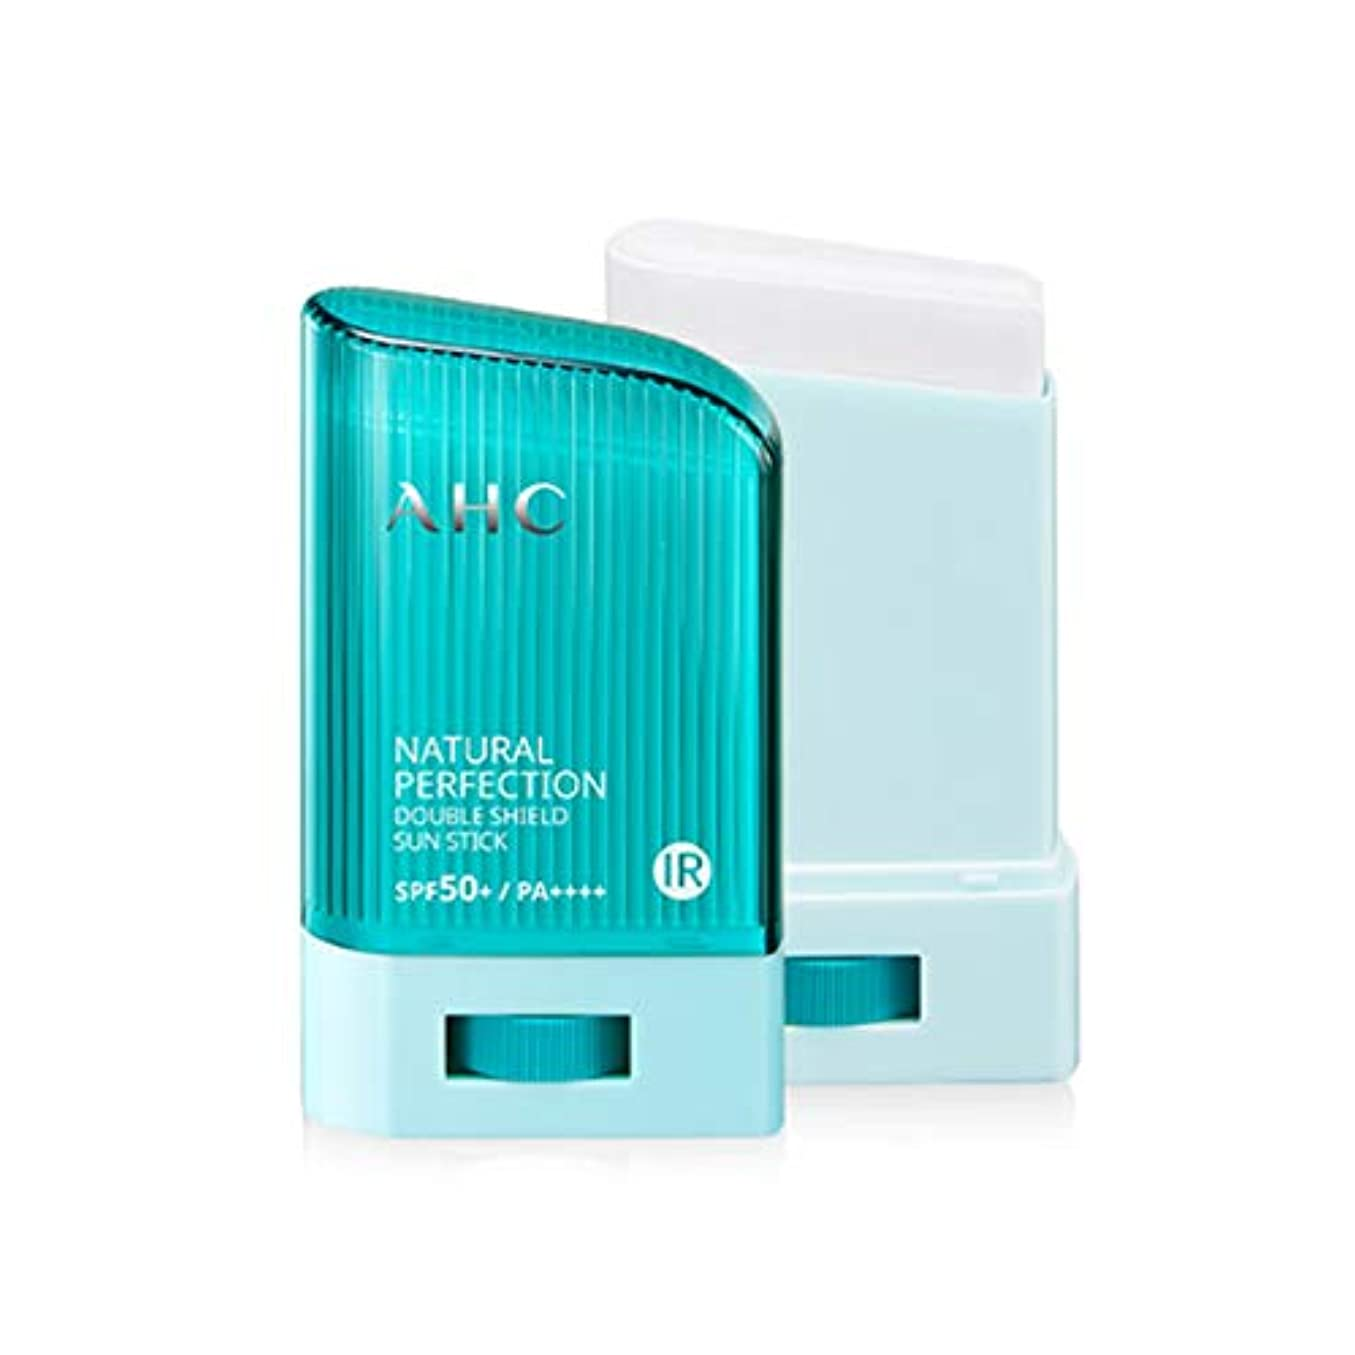 オール破産抜粋AHC ナチュラルパーフェクションダブルシールドサンスティック ブルー Natural Perfection Double Shield Sun Stick BLUE [並行輸入品] (22g)